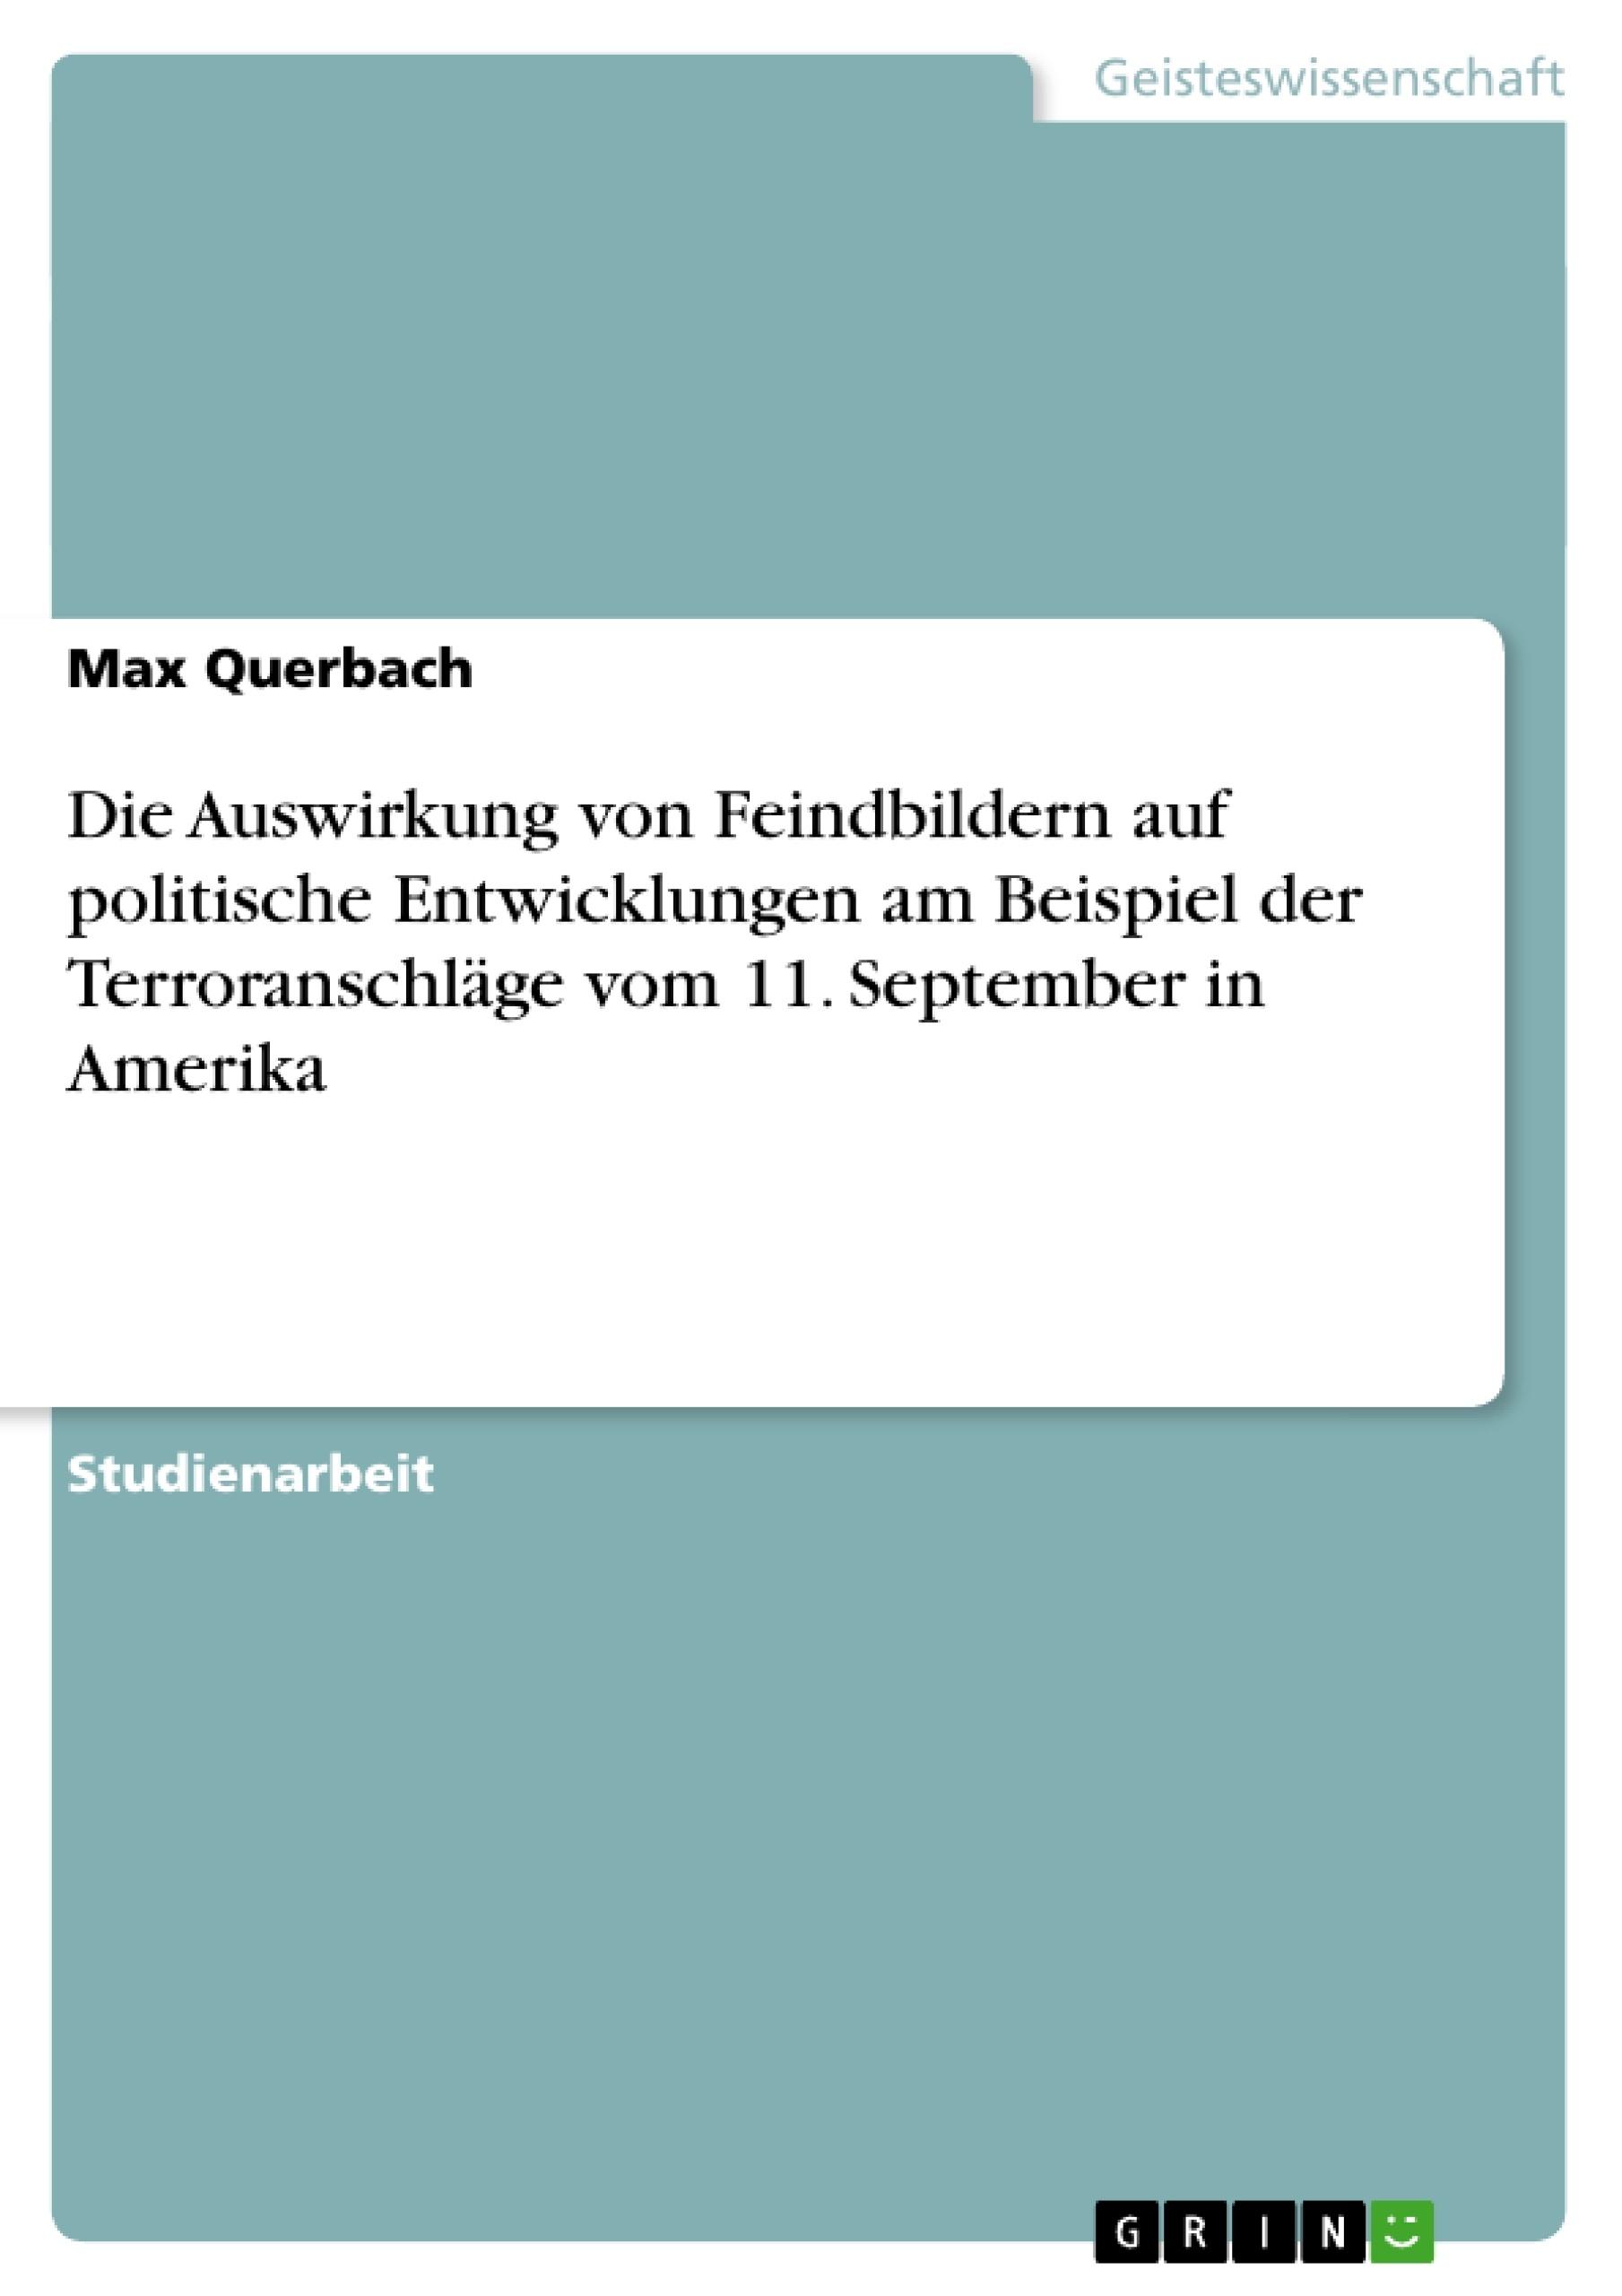 Titel: Die Auswirkung von Feindbildern auf politische Entwicklungen am Beispiel der Terroranschläge vom 11. September in Amerika